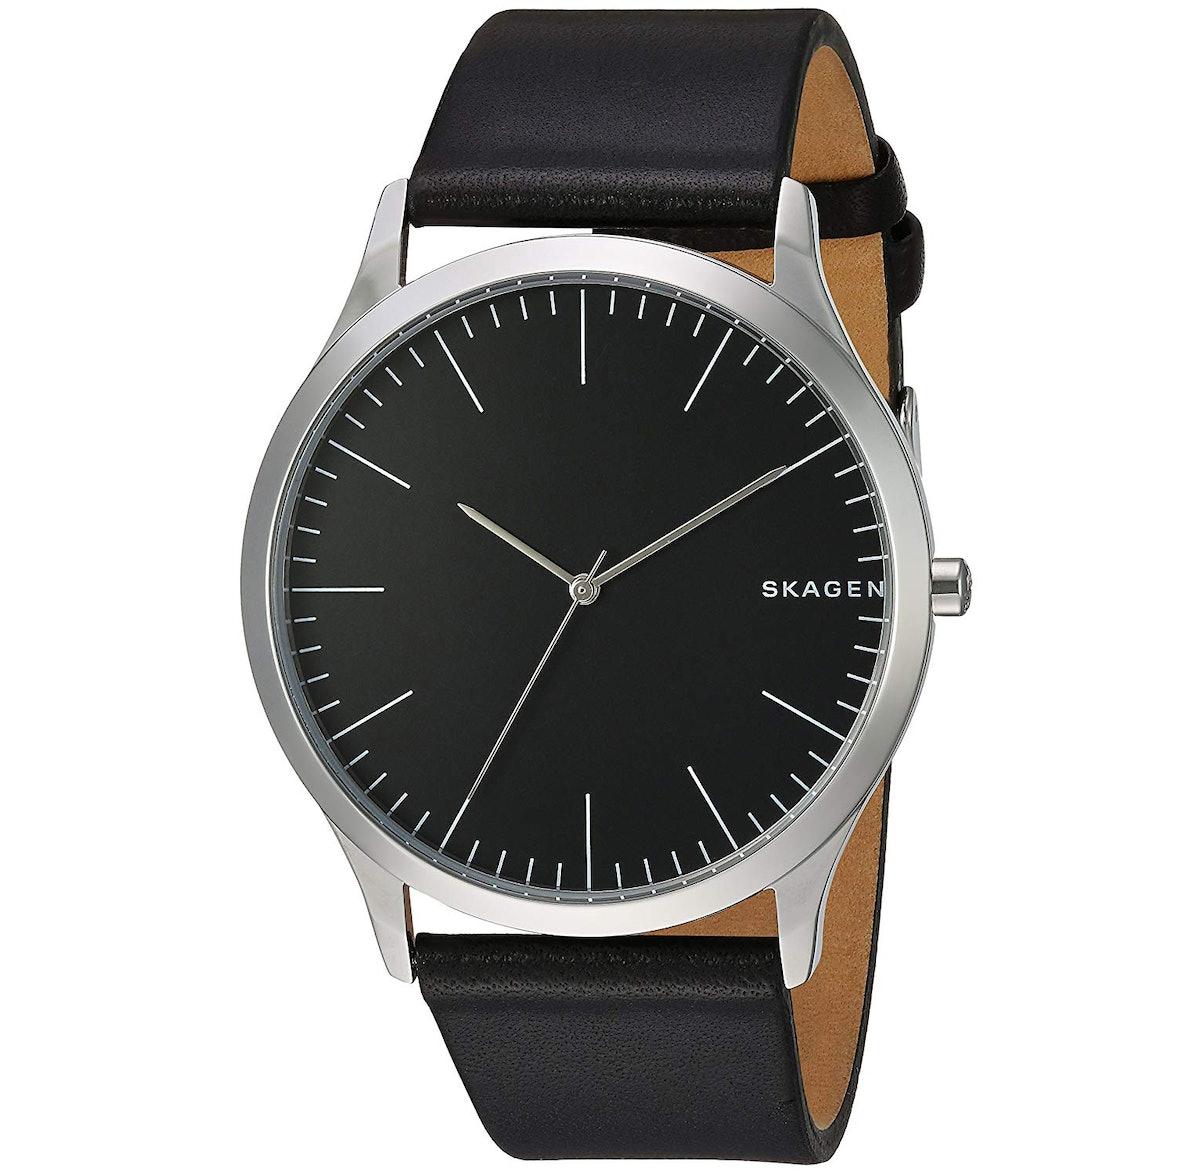 Skagen Men's Jorn Watch